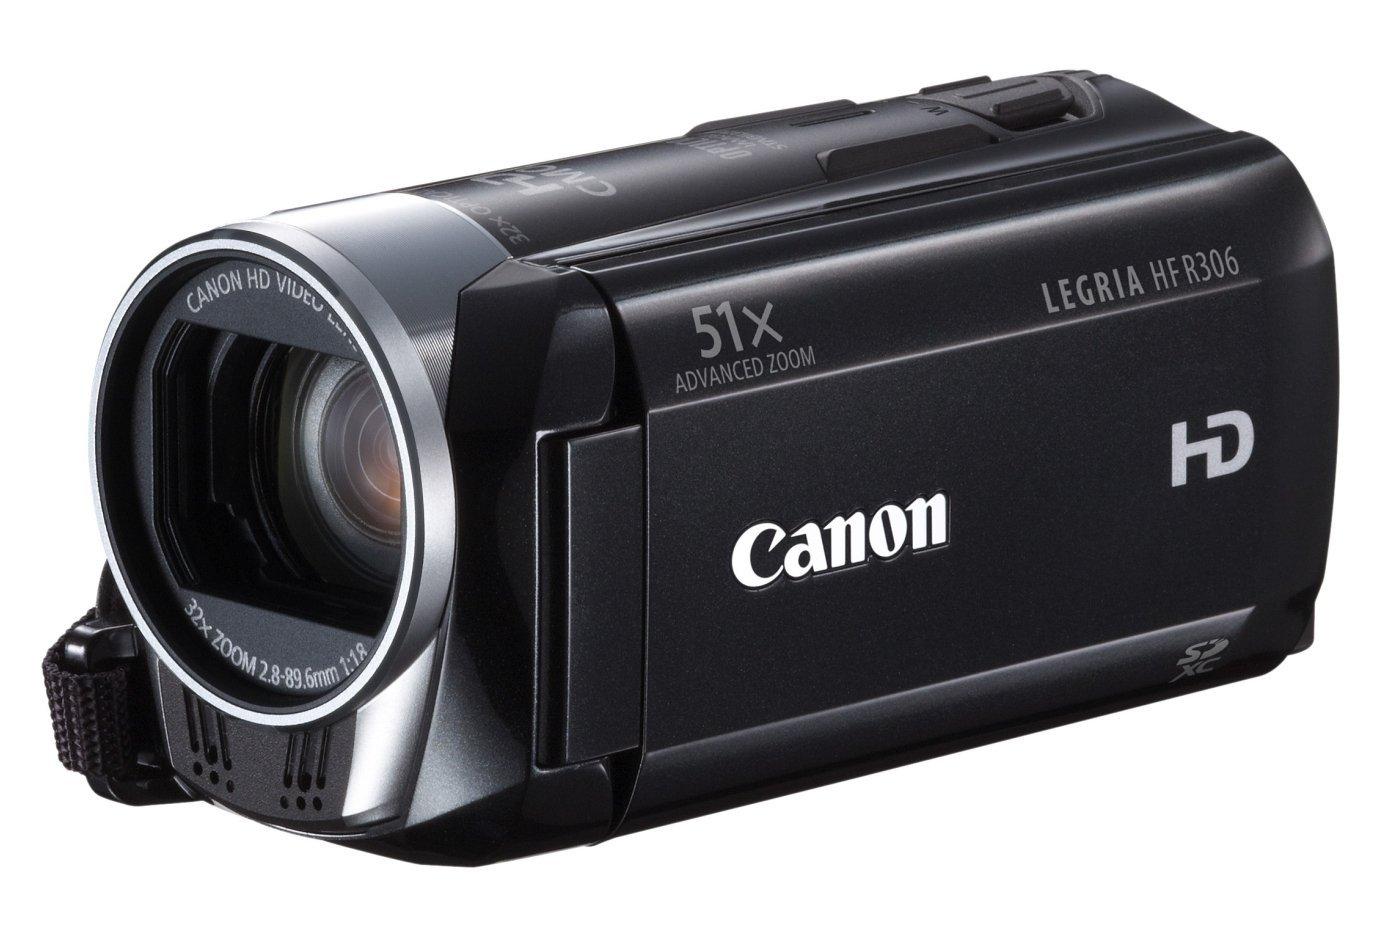 Canon Legria HFR306 - Cámara de vídeo HD (puerto SD/SDHC, 3,2 Mpx, zoom óptico de 32x), color negro